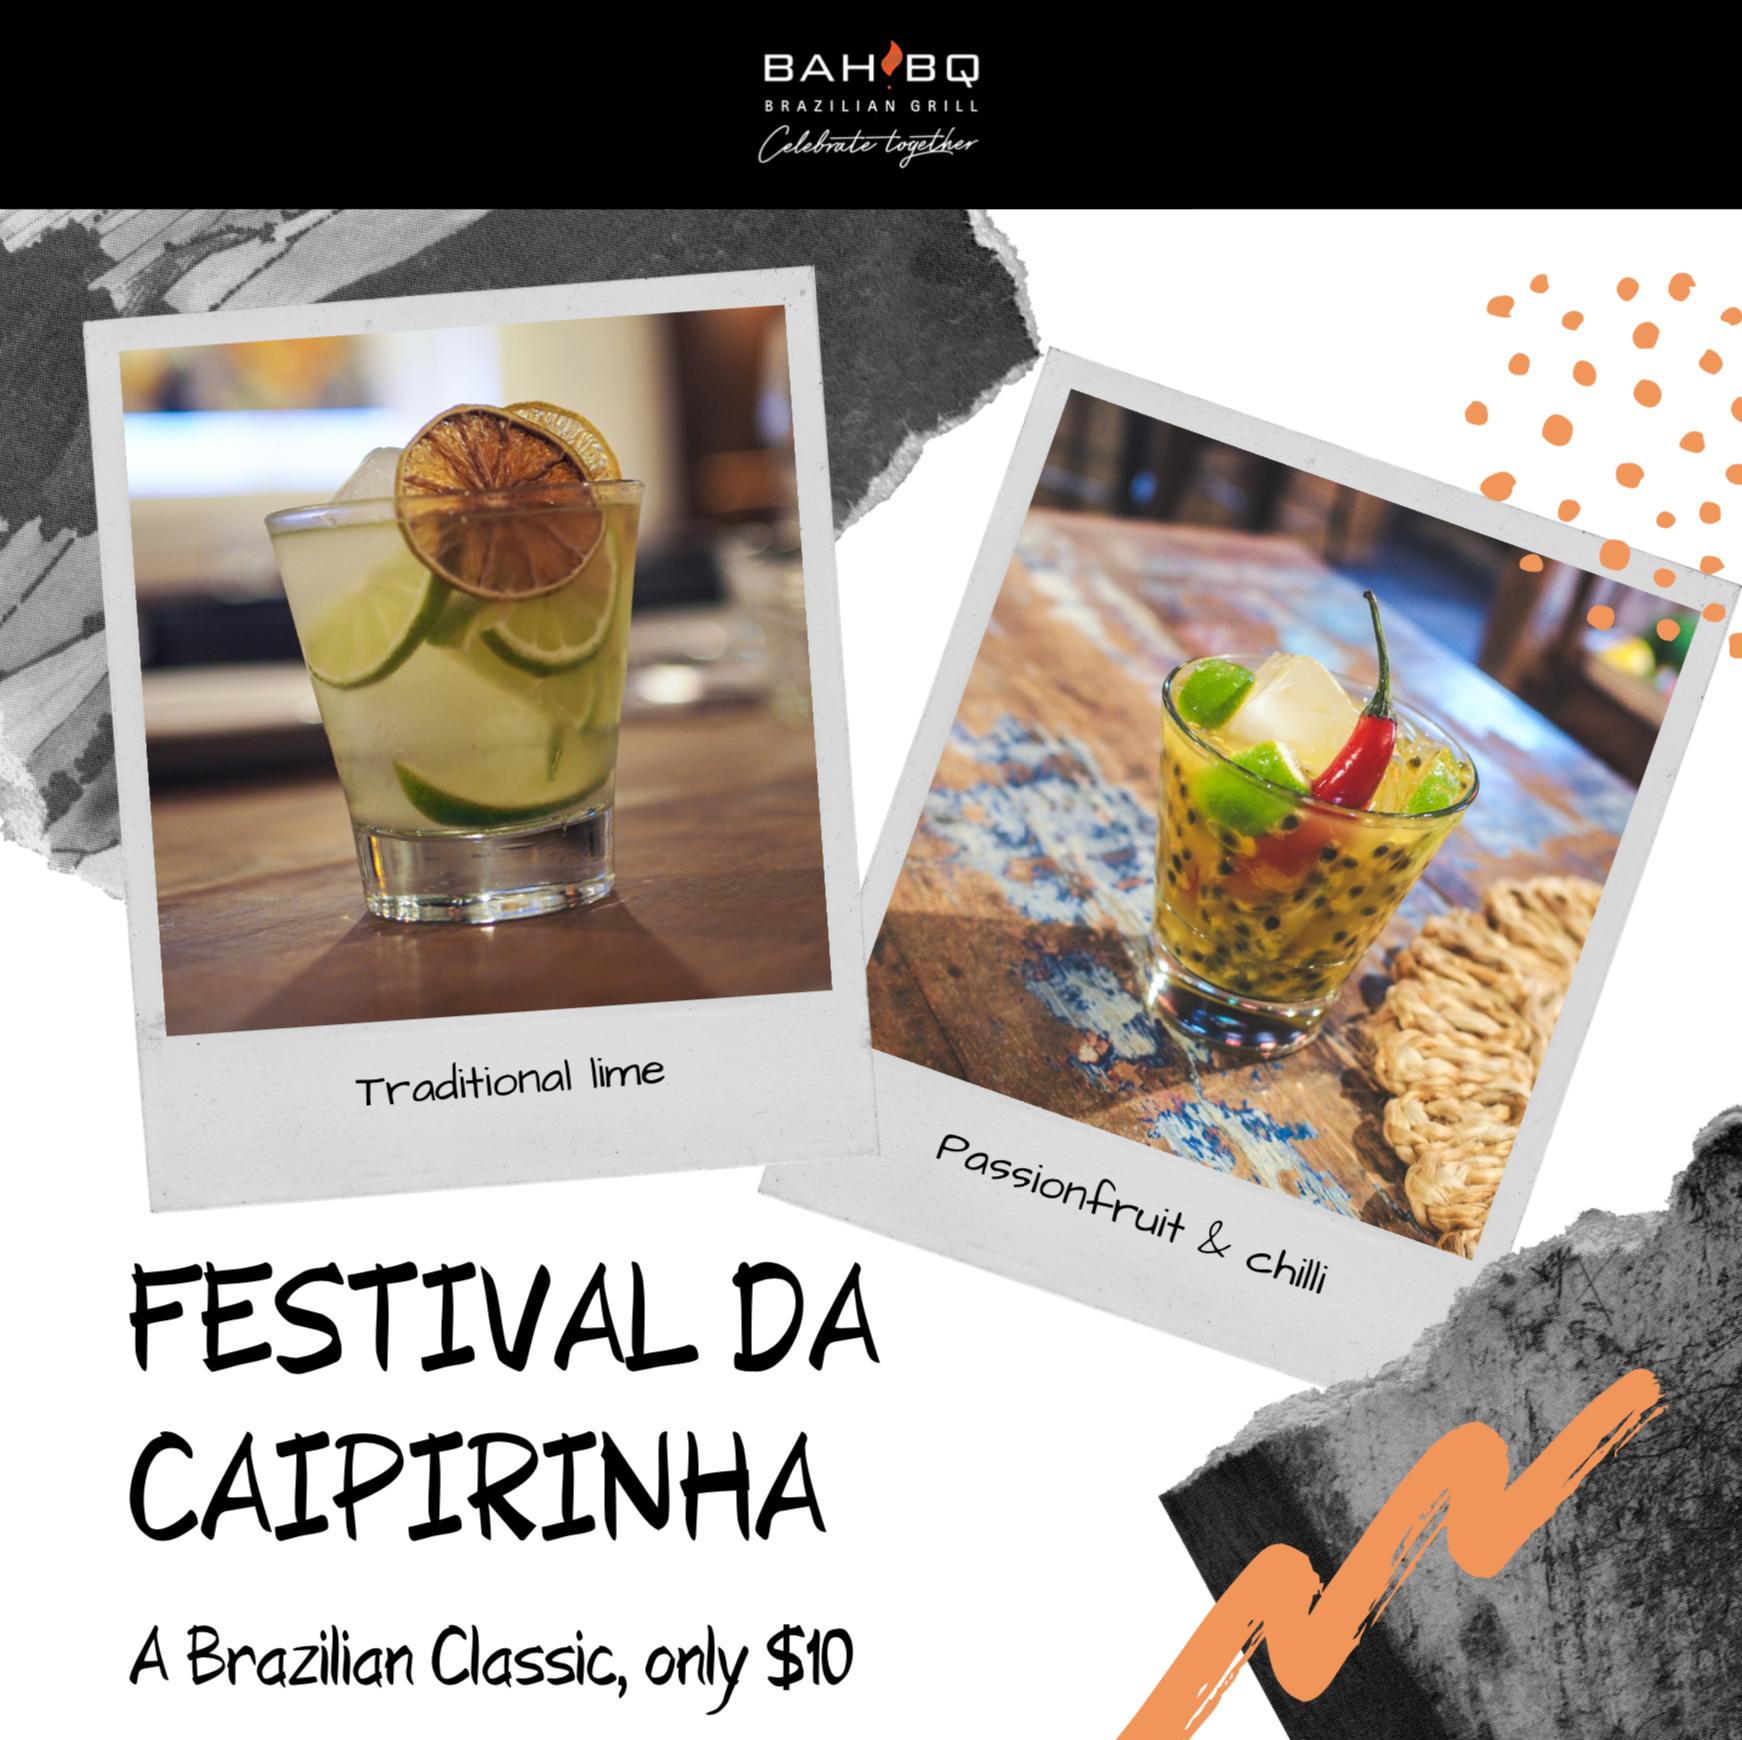 Festival da Caipirinha